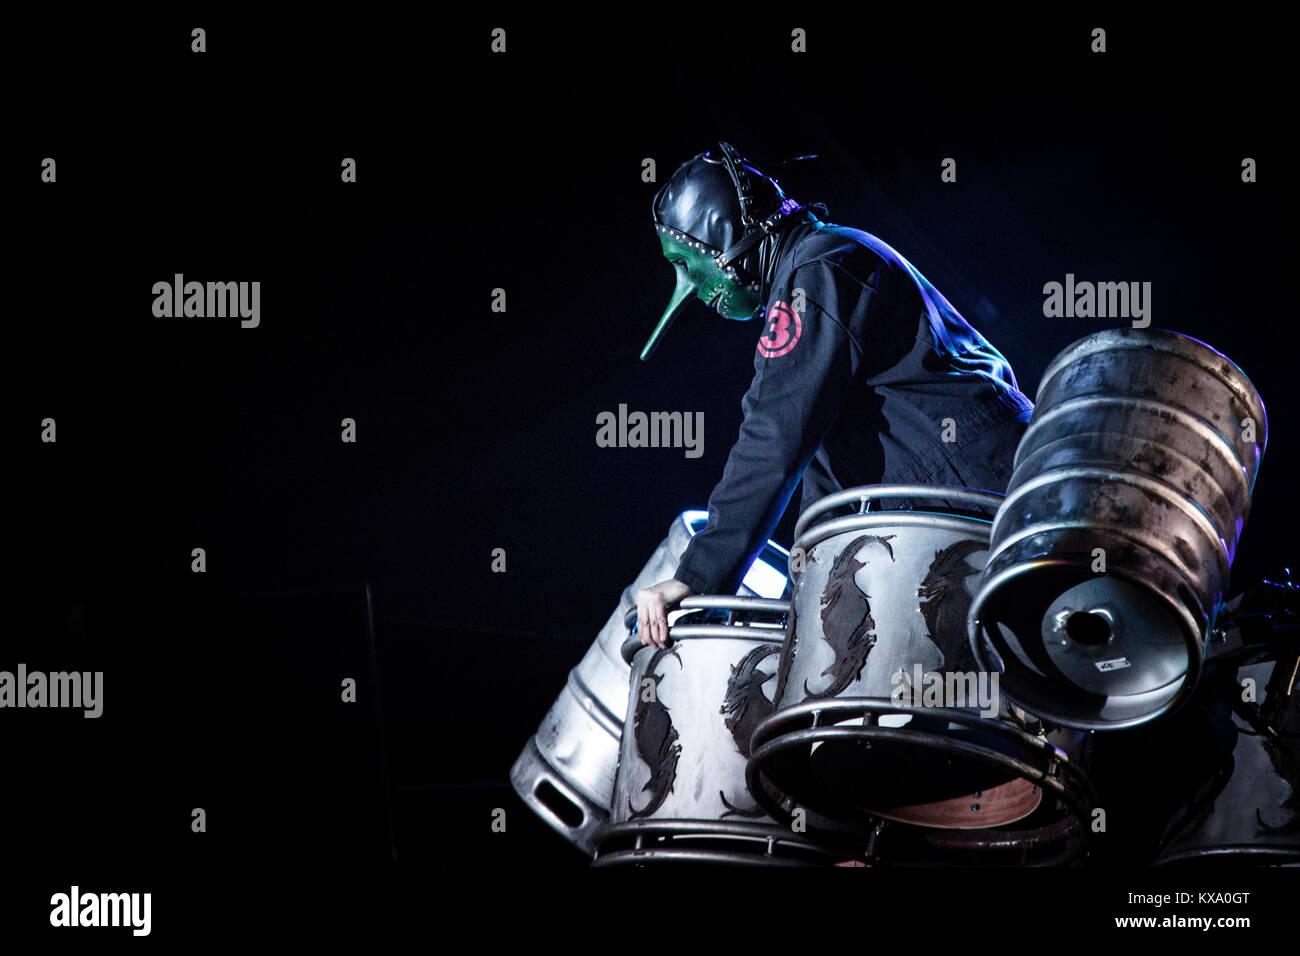 Le Groupe De Heavy Metal Americain Slipknot Effectue Un Concert Live Au Festival